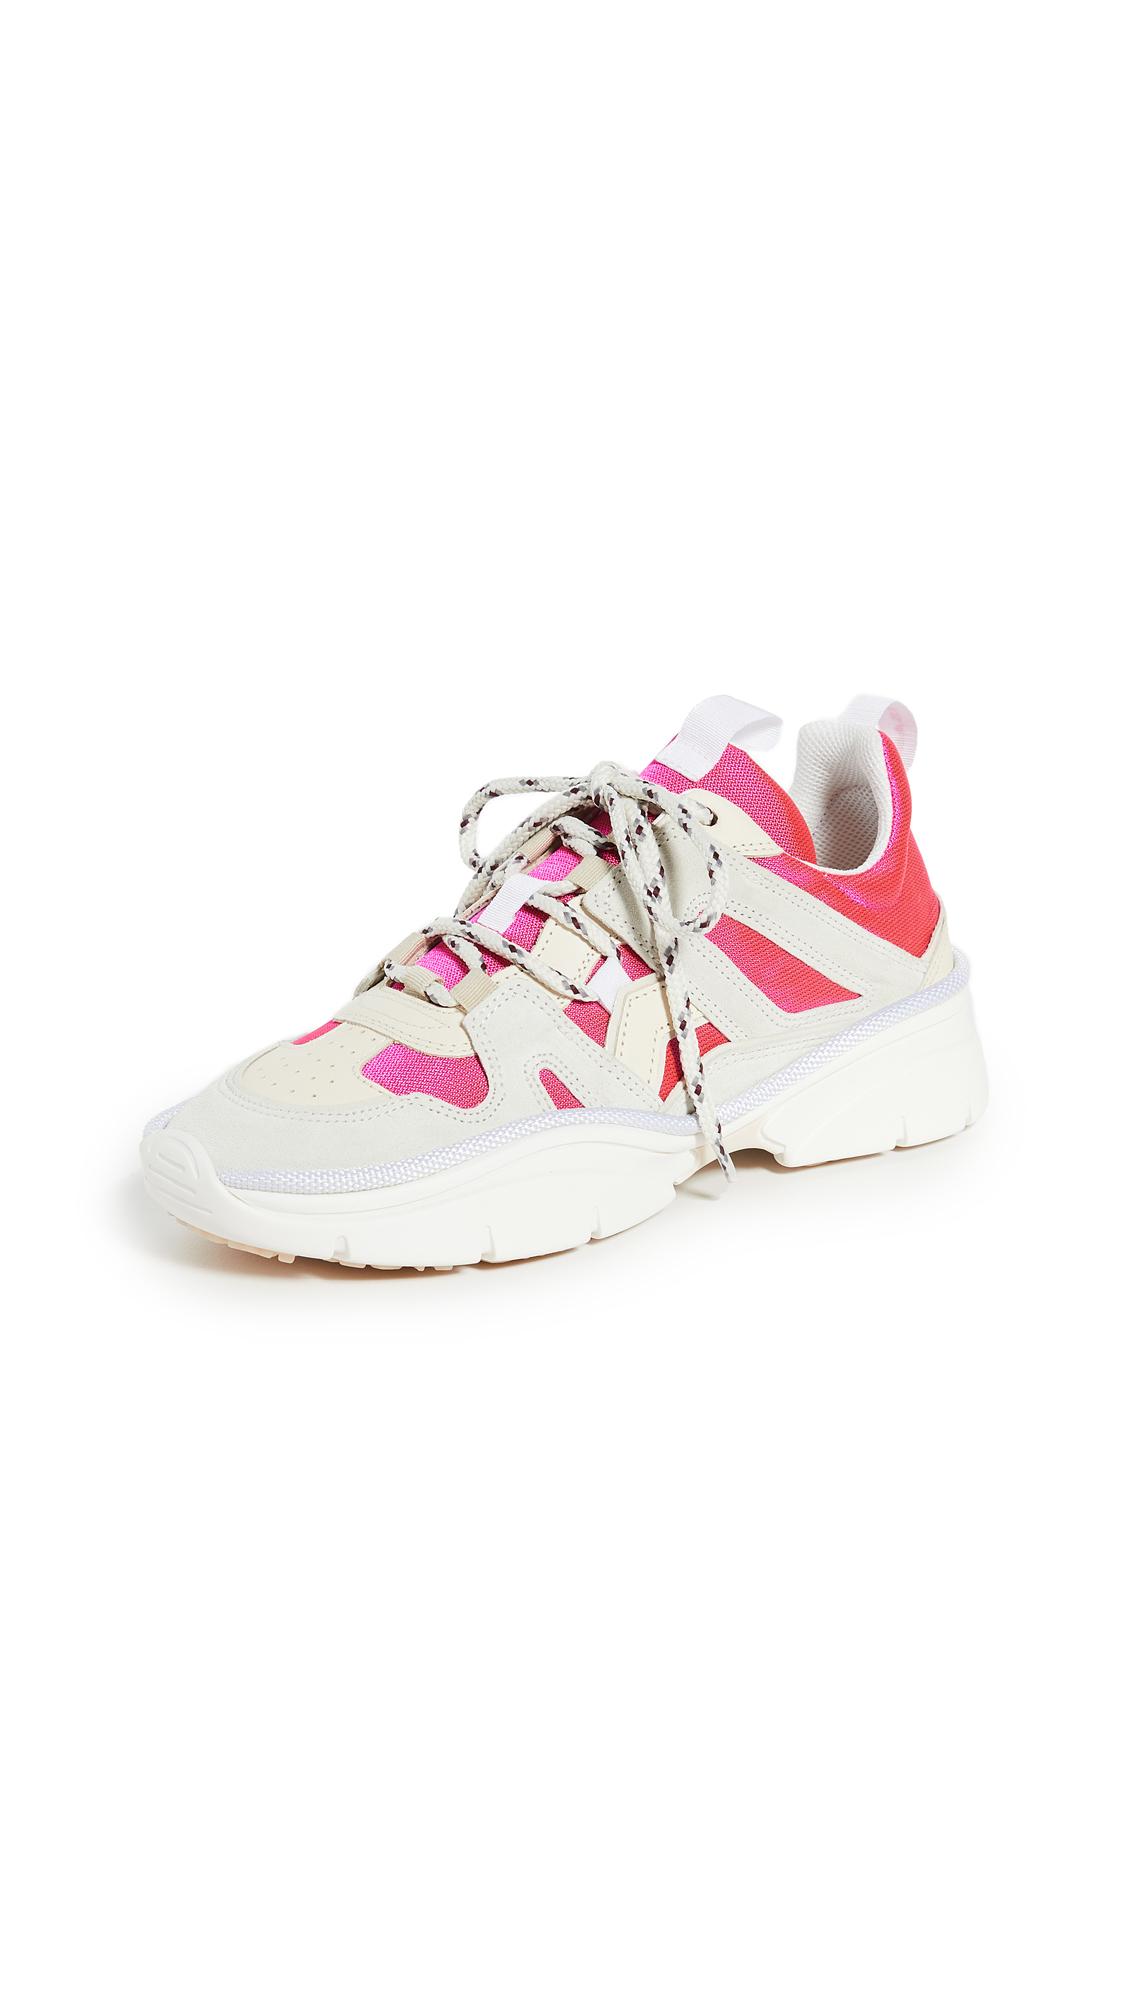 Buy Isabel Marant Kindsay Sneakers online, shop Isabel Marant